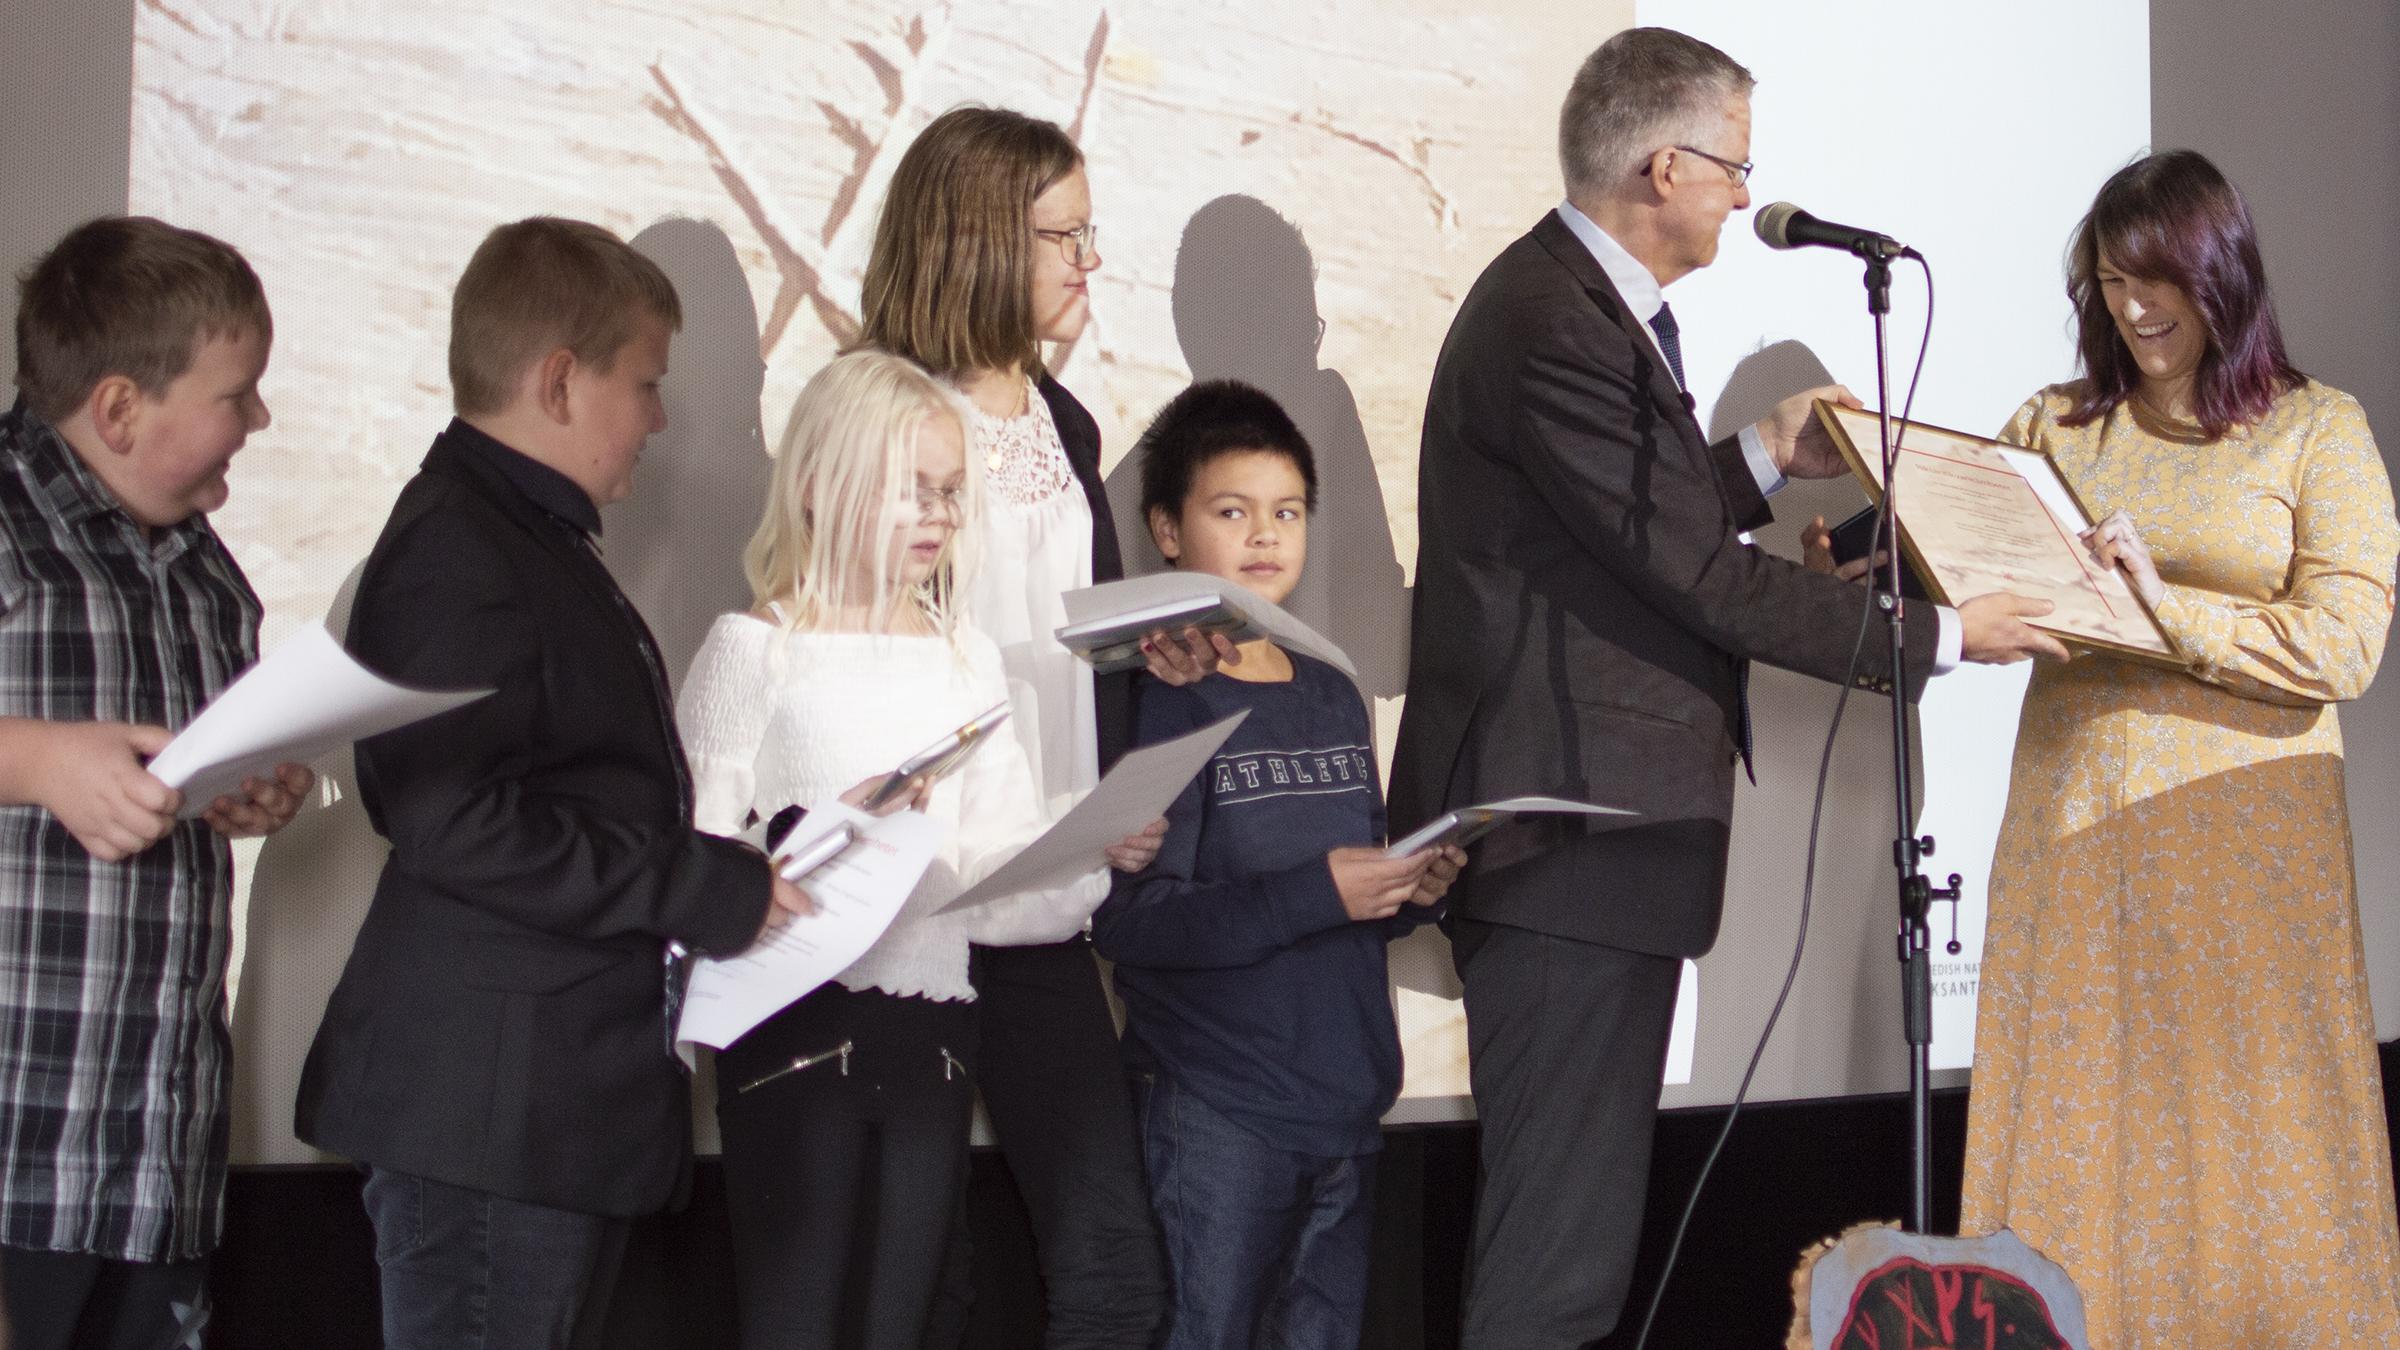 Skolklass löste runornas gåta – får Riksantikvarieämbetets förtjänstmedalj